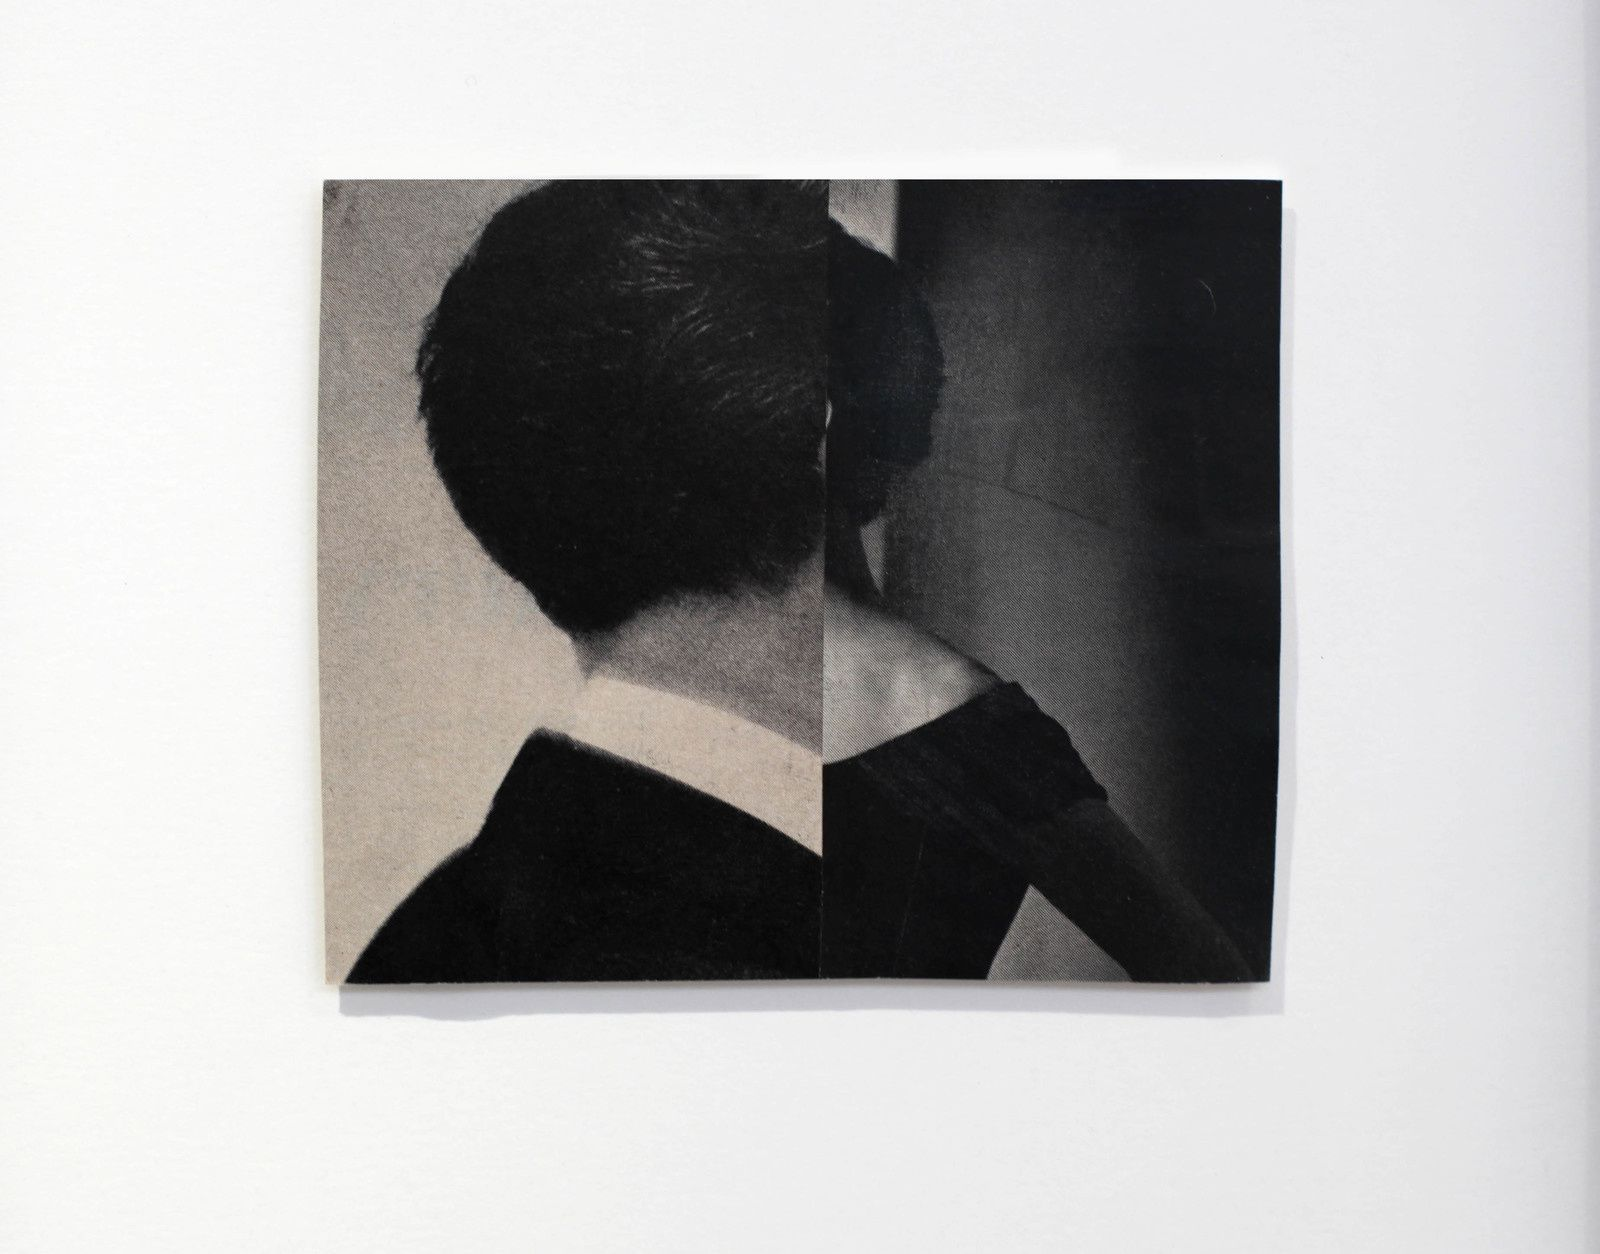 """""""Love me tender 97"""", 2018 de Katrien DE BLAUWER - Courtesy de l'artiste et la Galerie les filles du Calvaire © Photo Éric Simon"""